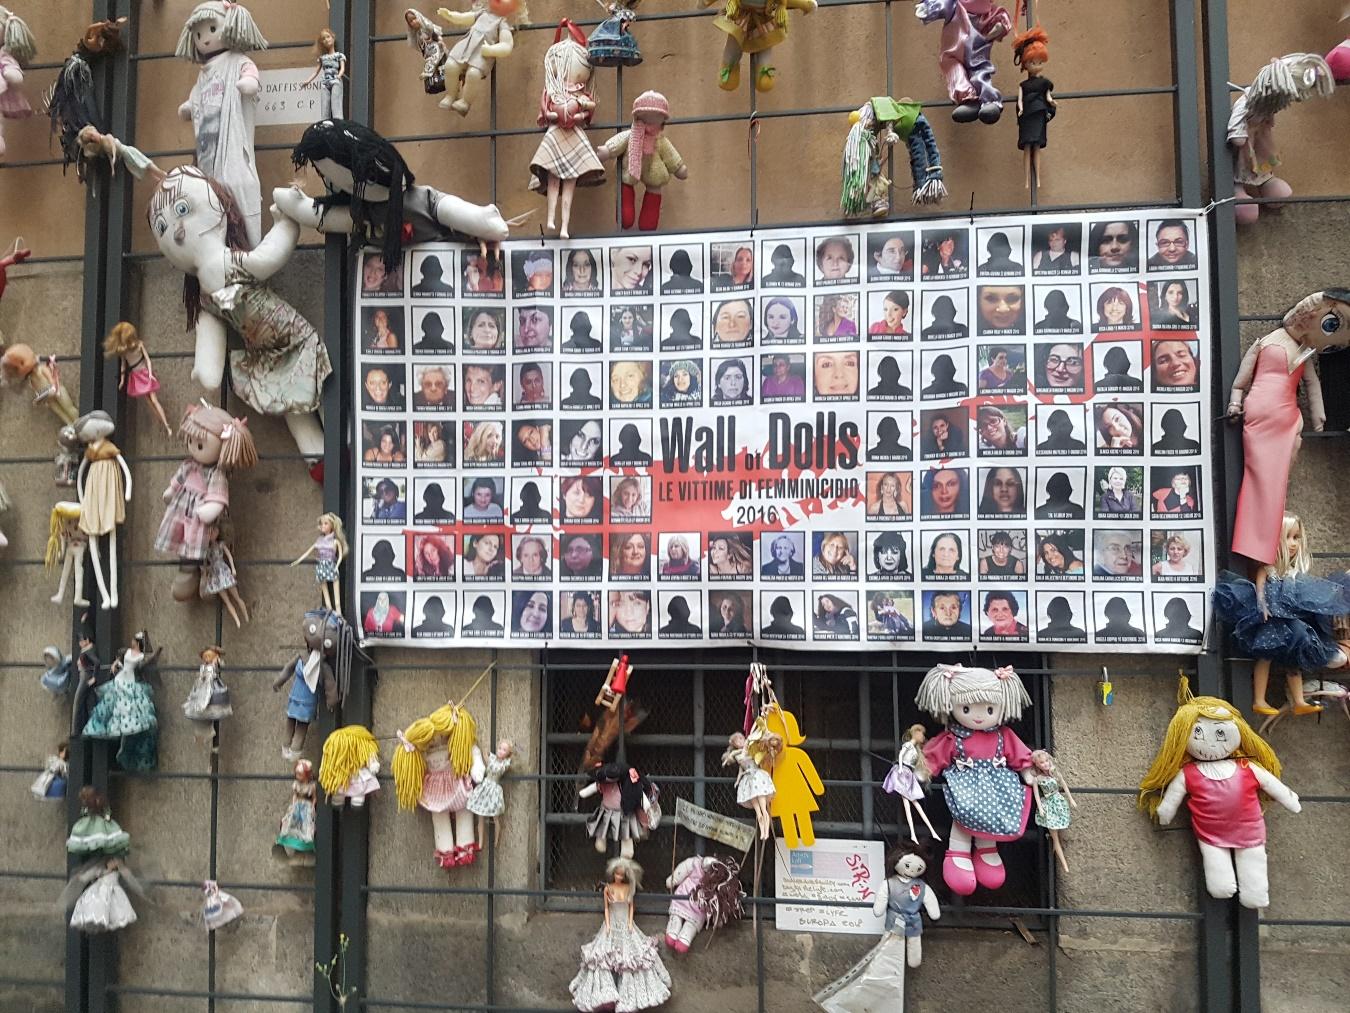 Wall Dolls, Rome, Italie, 19 septembre 2018. Photo Renée de la Torre.